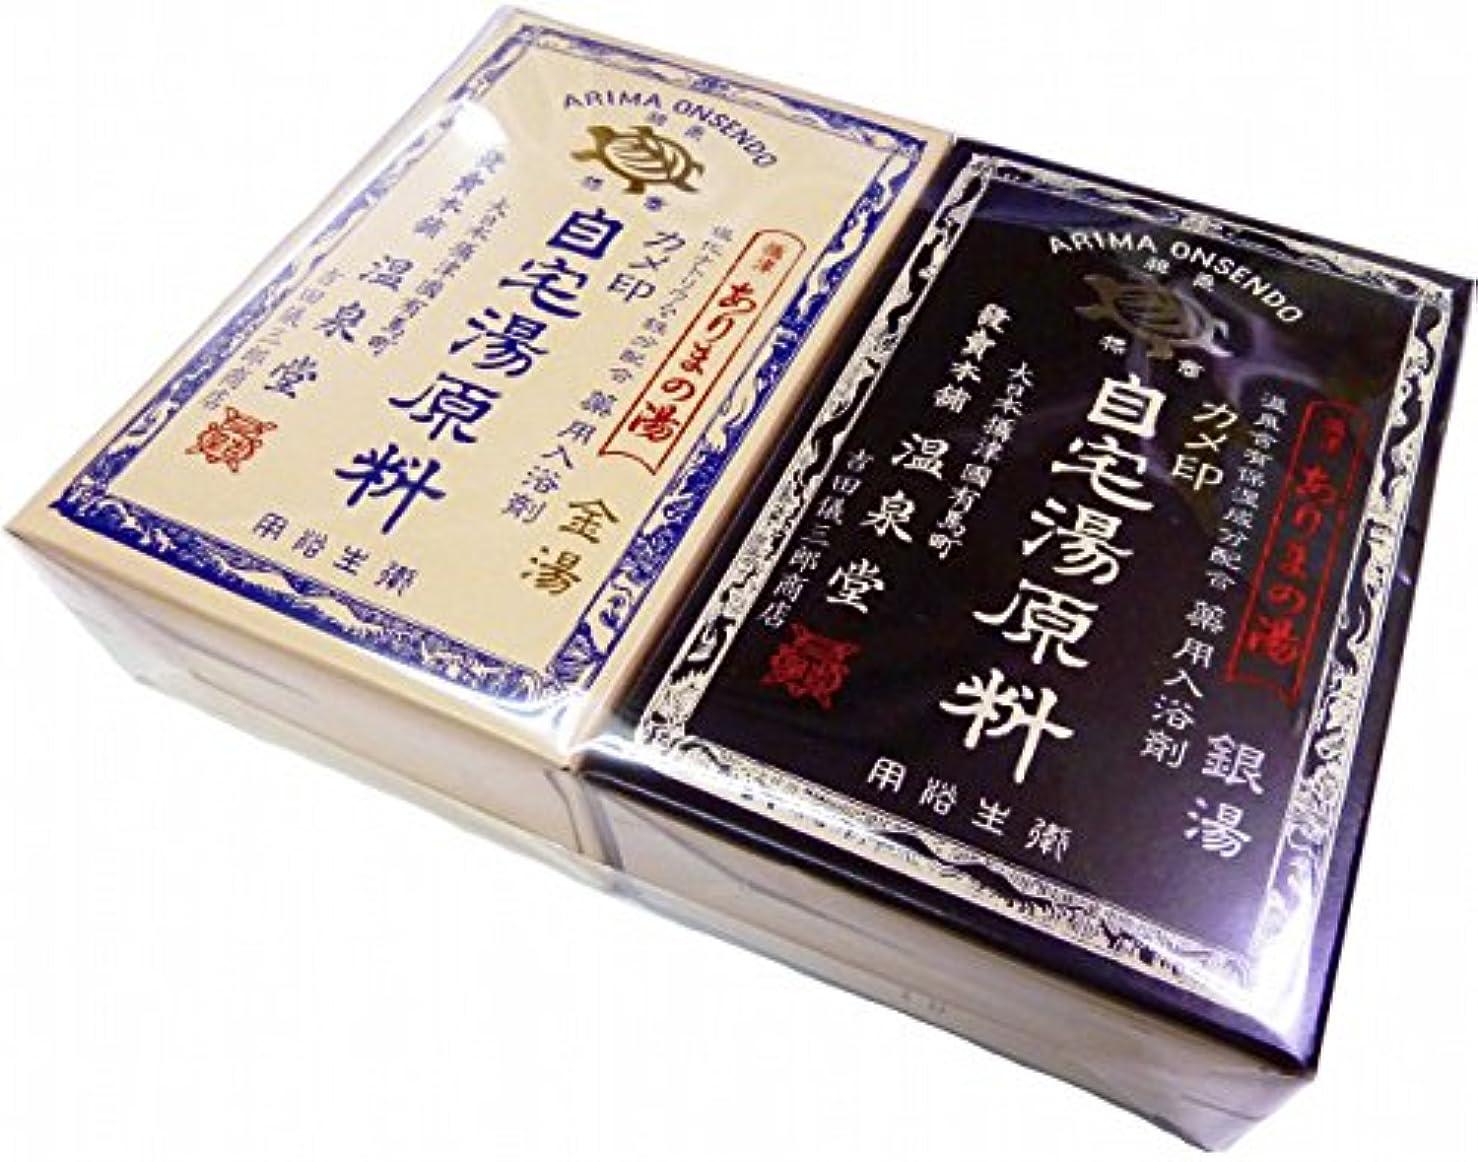 クリーム適応するトランジスタカメ印 摂津有馬の湯 自宅湯原料 《金湯?銀湯》5包入り箱ペアセット